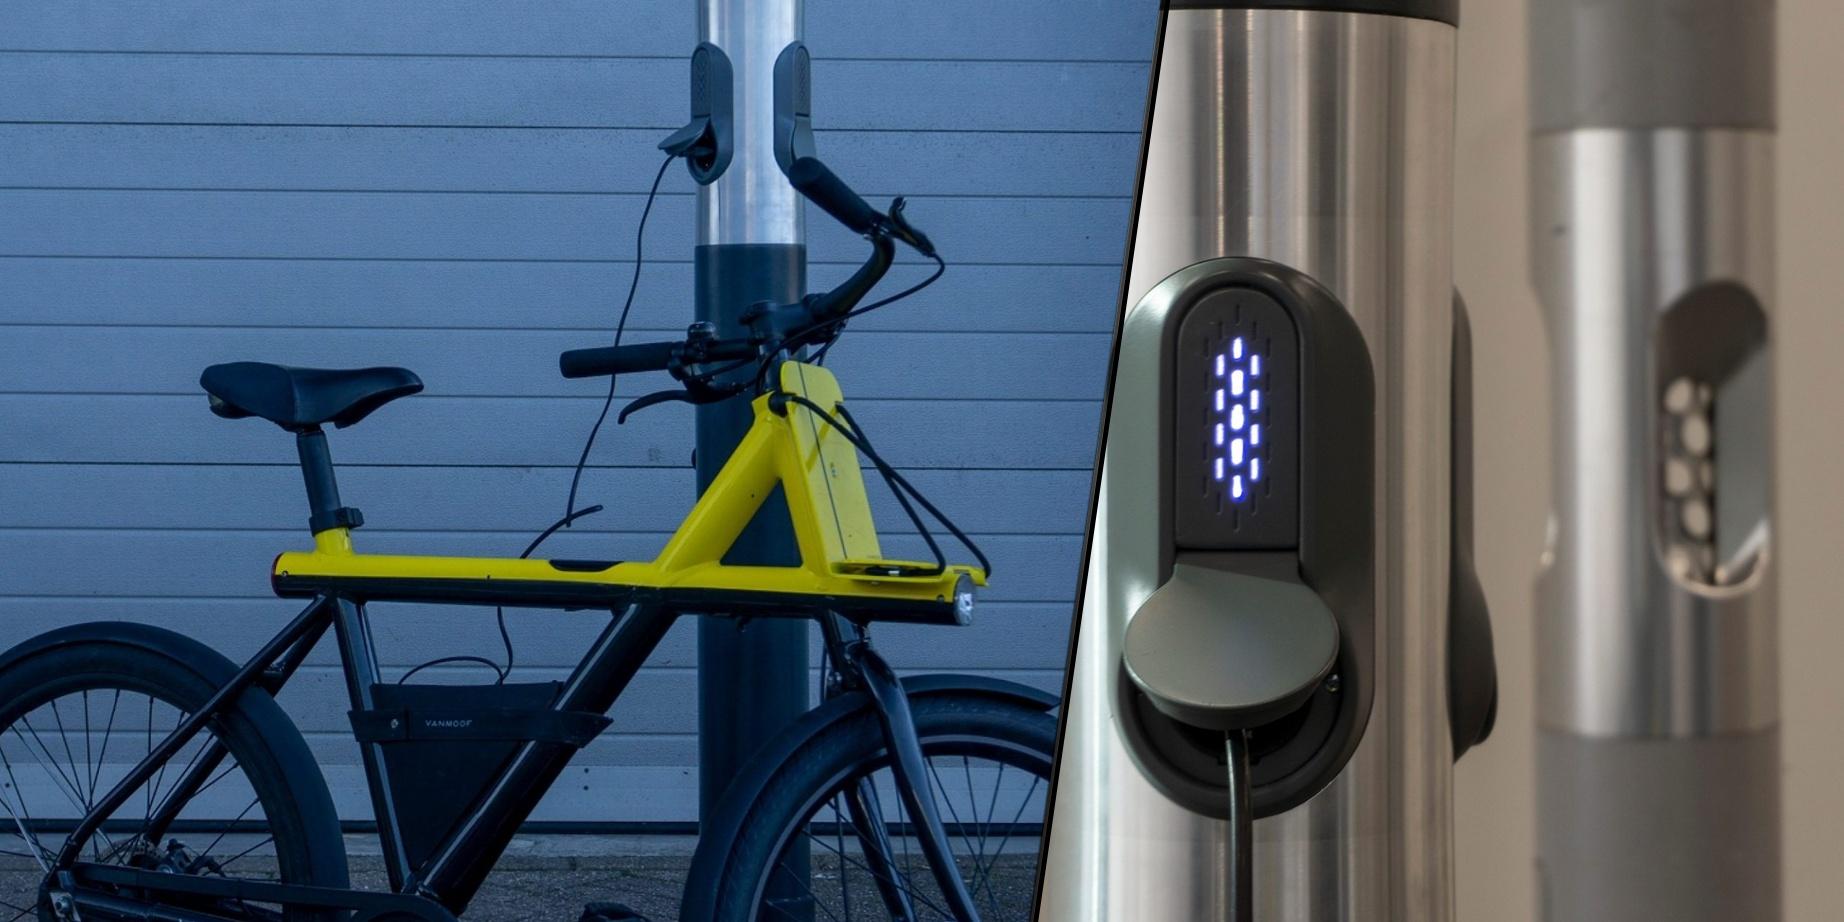 В Нидерландах уличные пепельницы превращаются в велосипедные зарядки